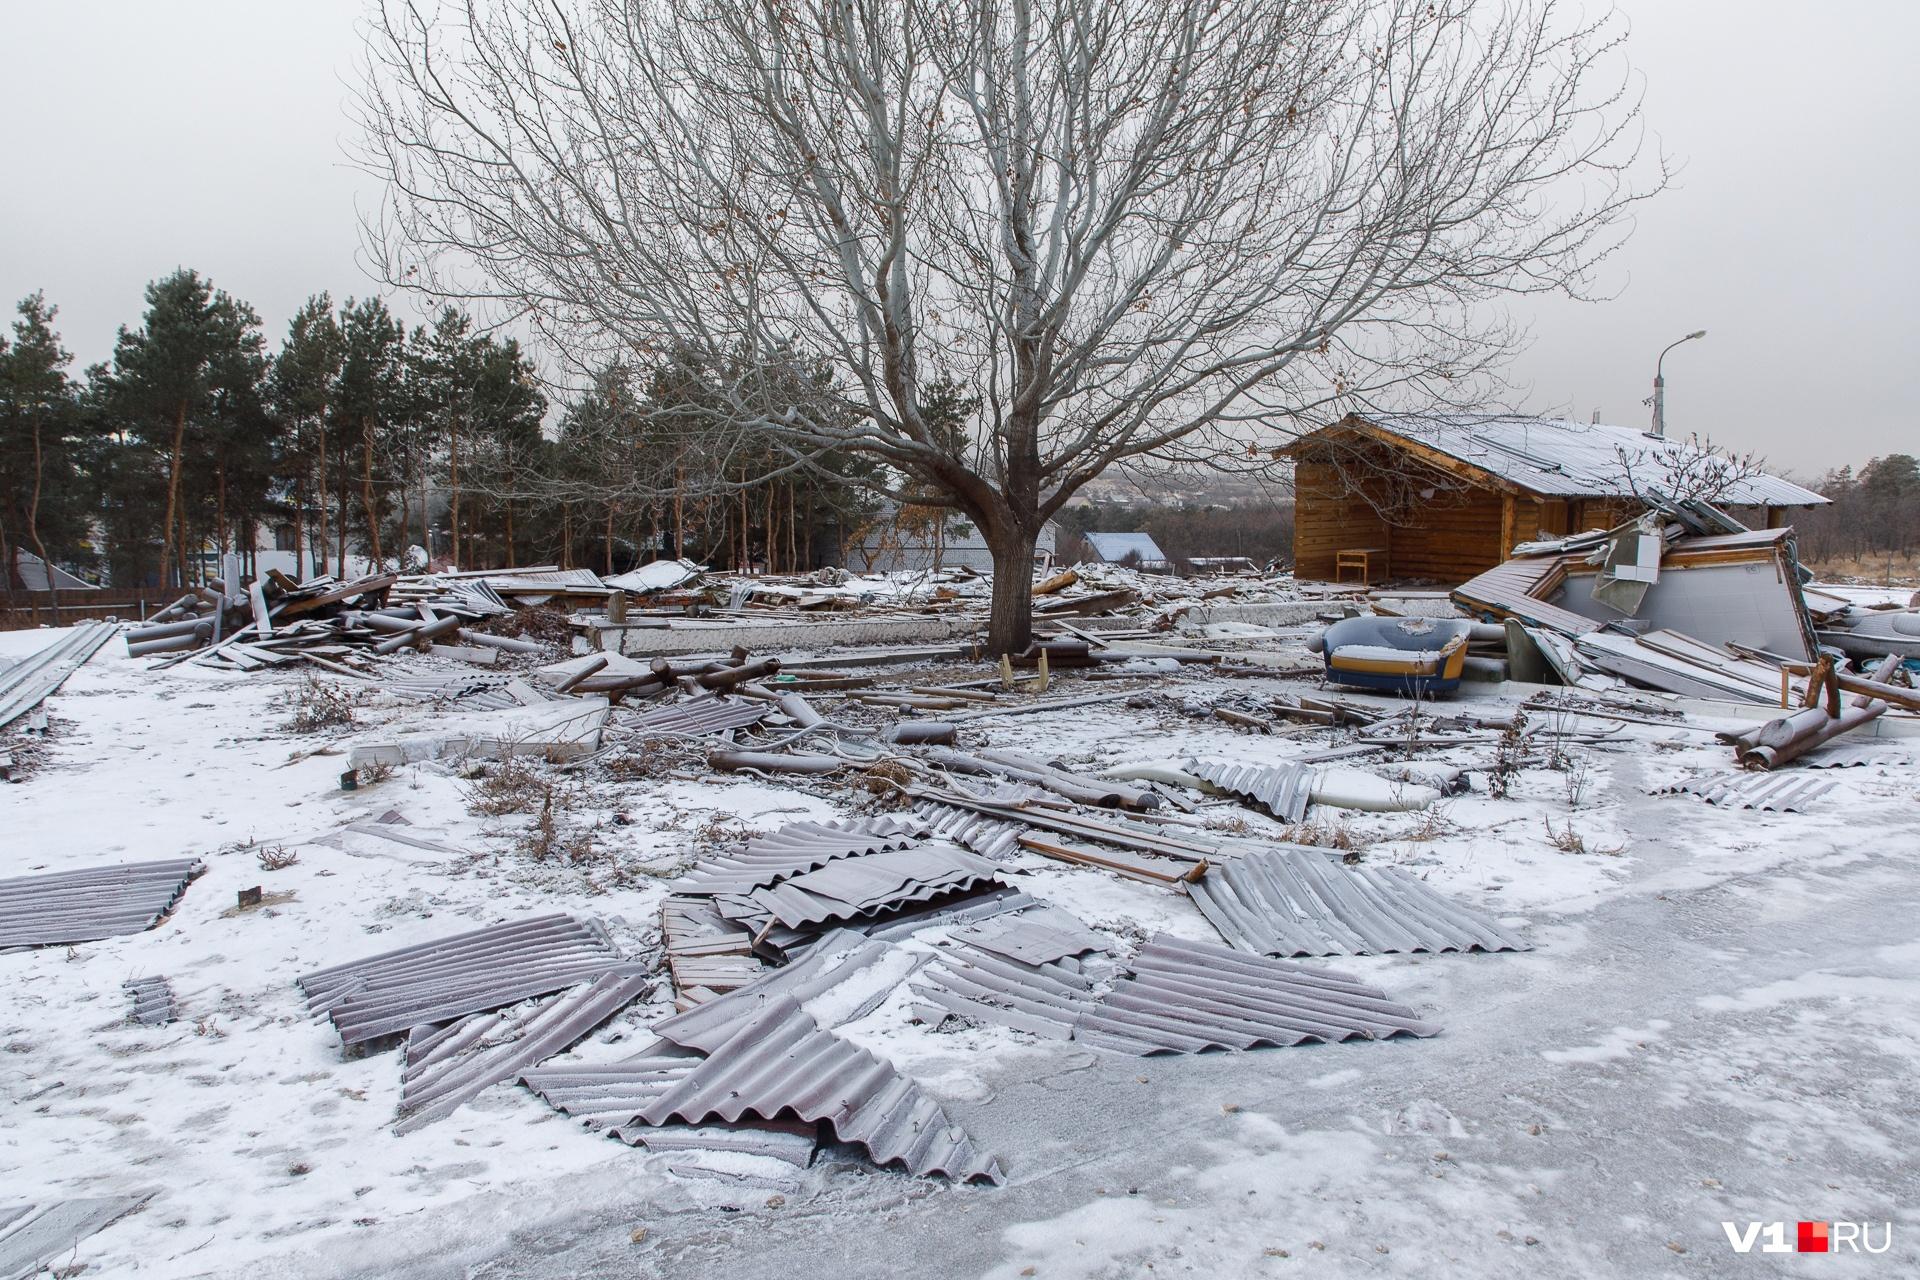 В «Сосновом бору» уже снесли конюшни. До конца февраля должны исчезнуть гостевые домики и ресторан